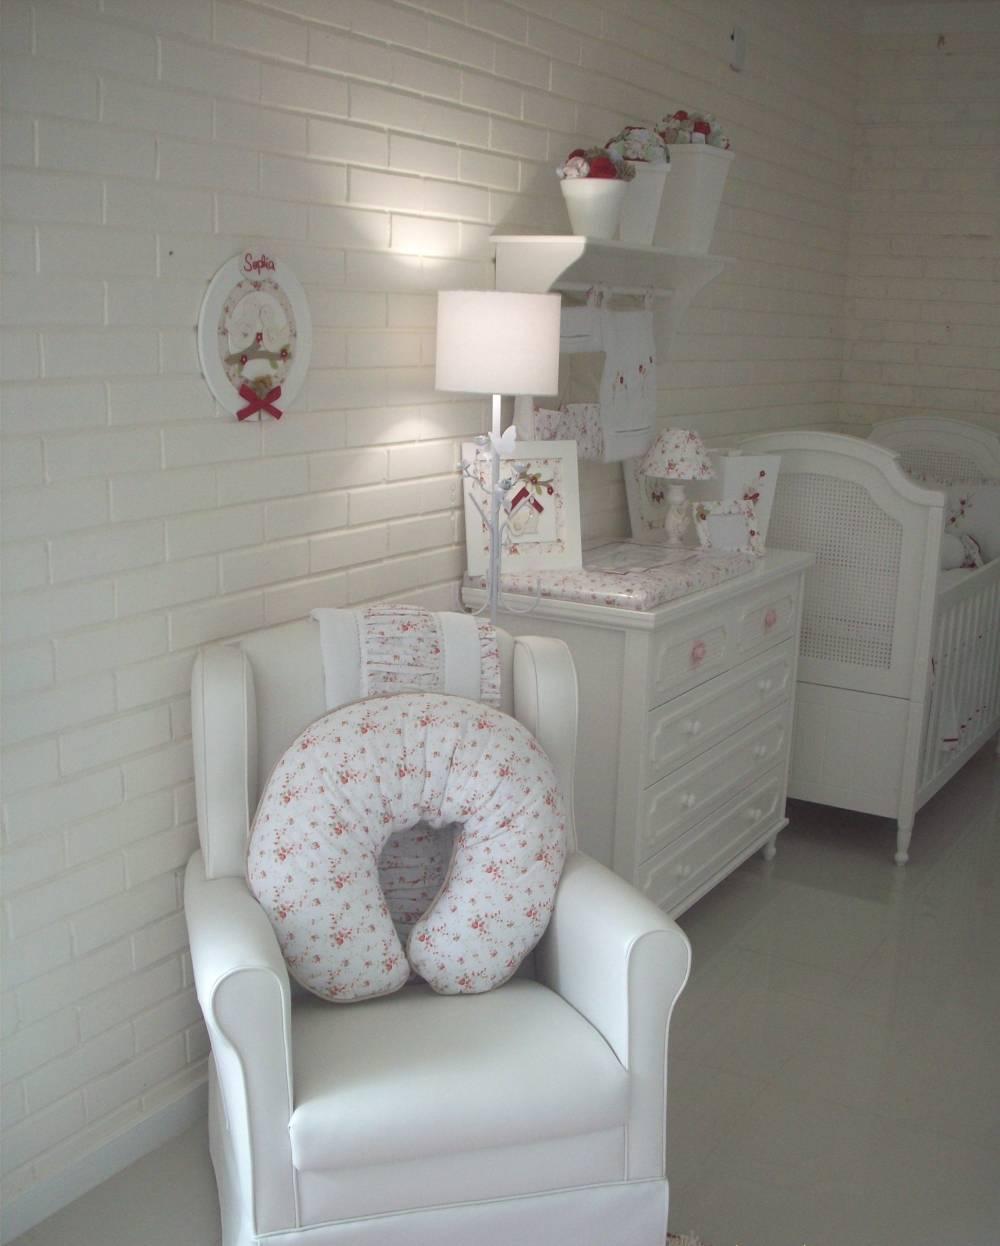 Decoração de Quarto de Bebê em Apartamento Pequeno em Itapevi - Decoração de Quarto Bebê Pequeno